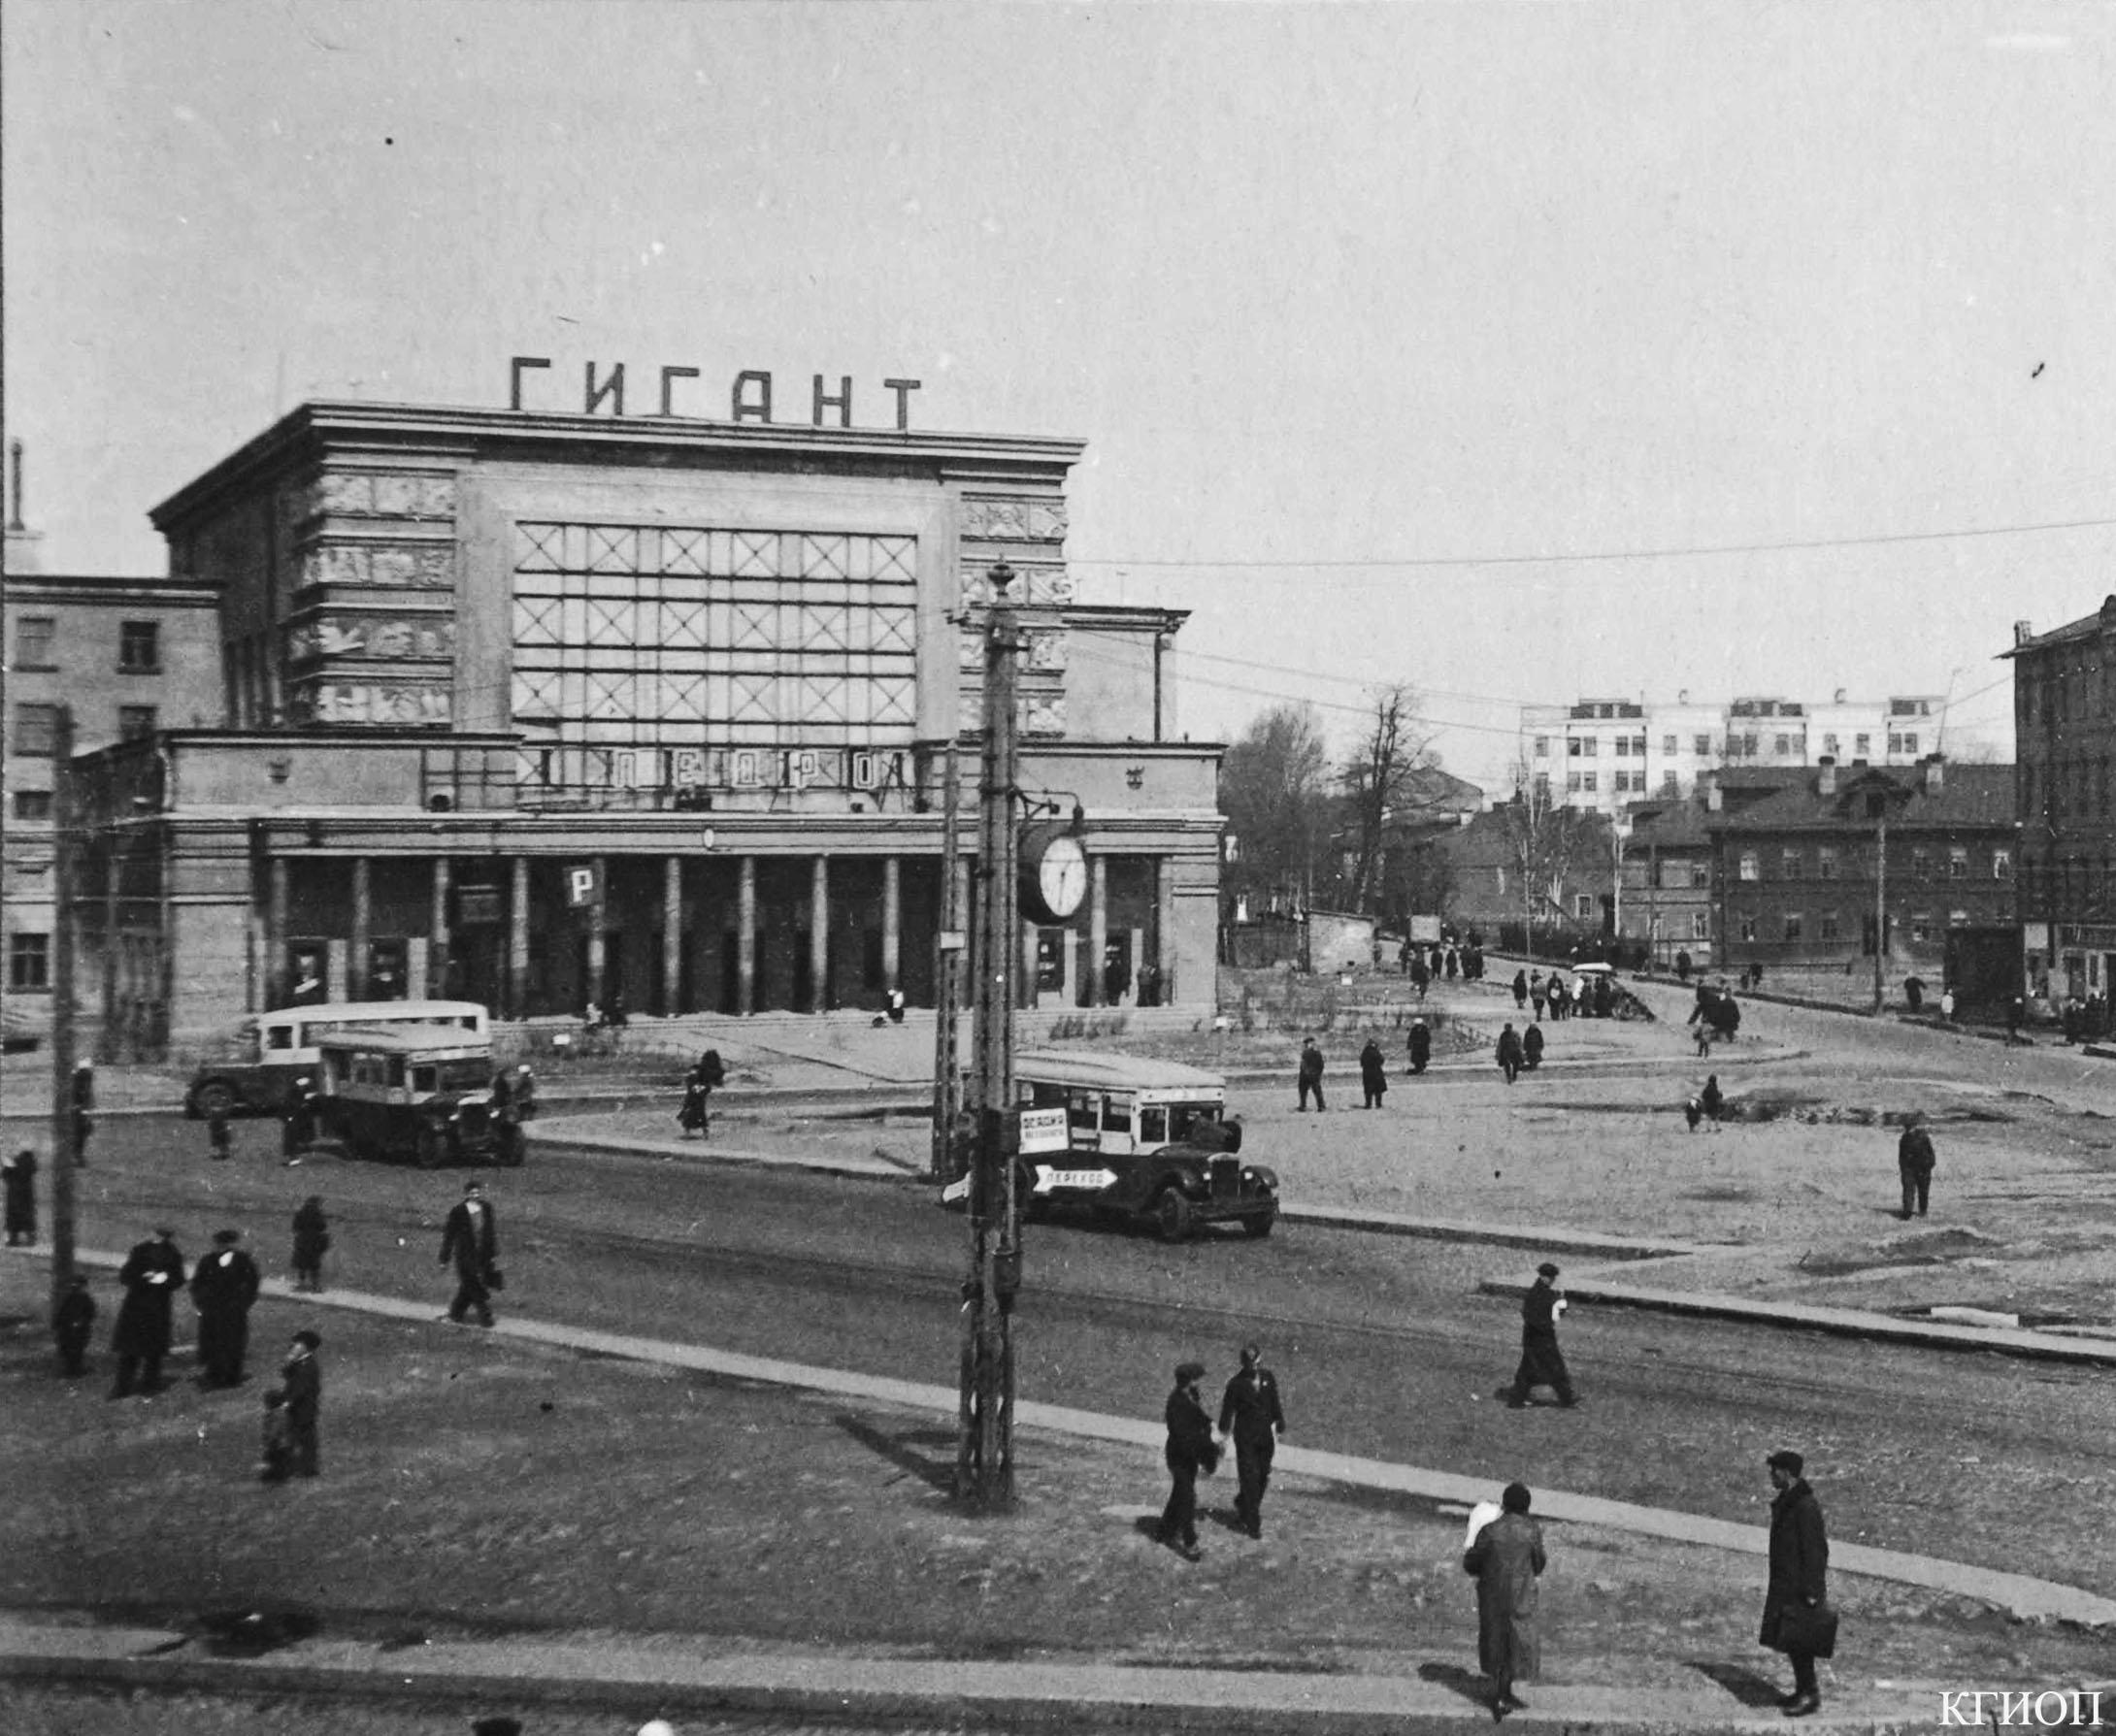 1938. Кинотеатр «Гигант». Кондратьевский пр., 44